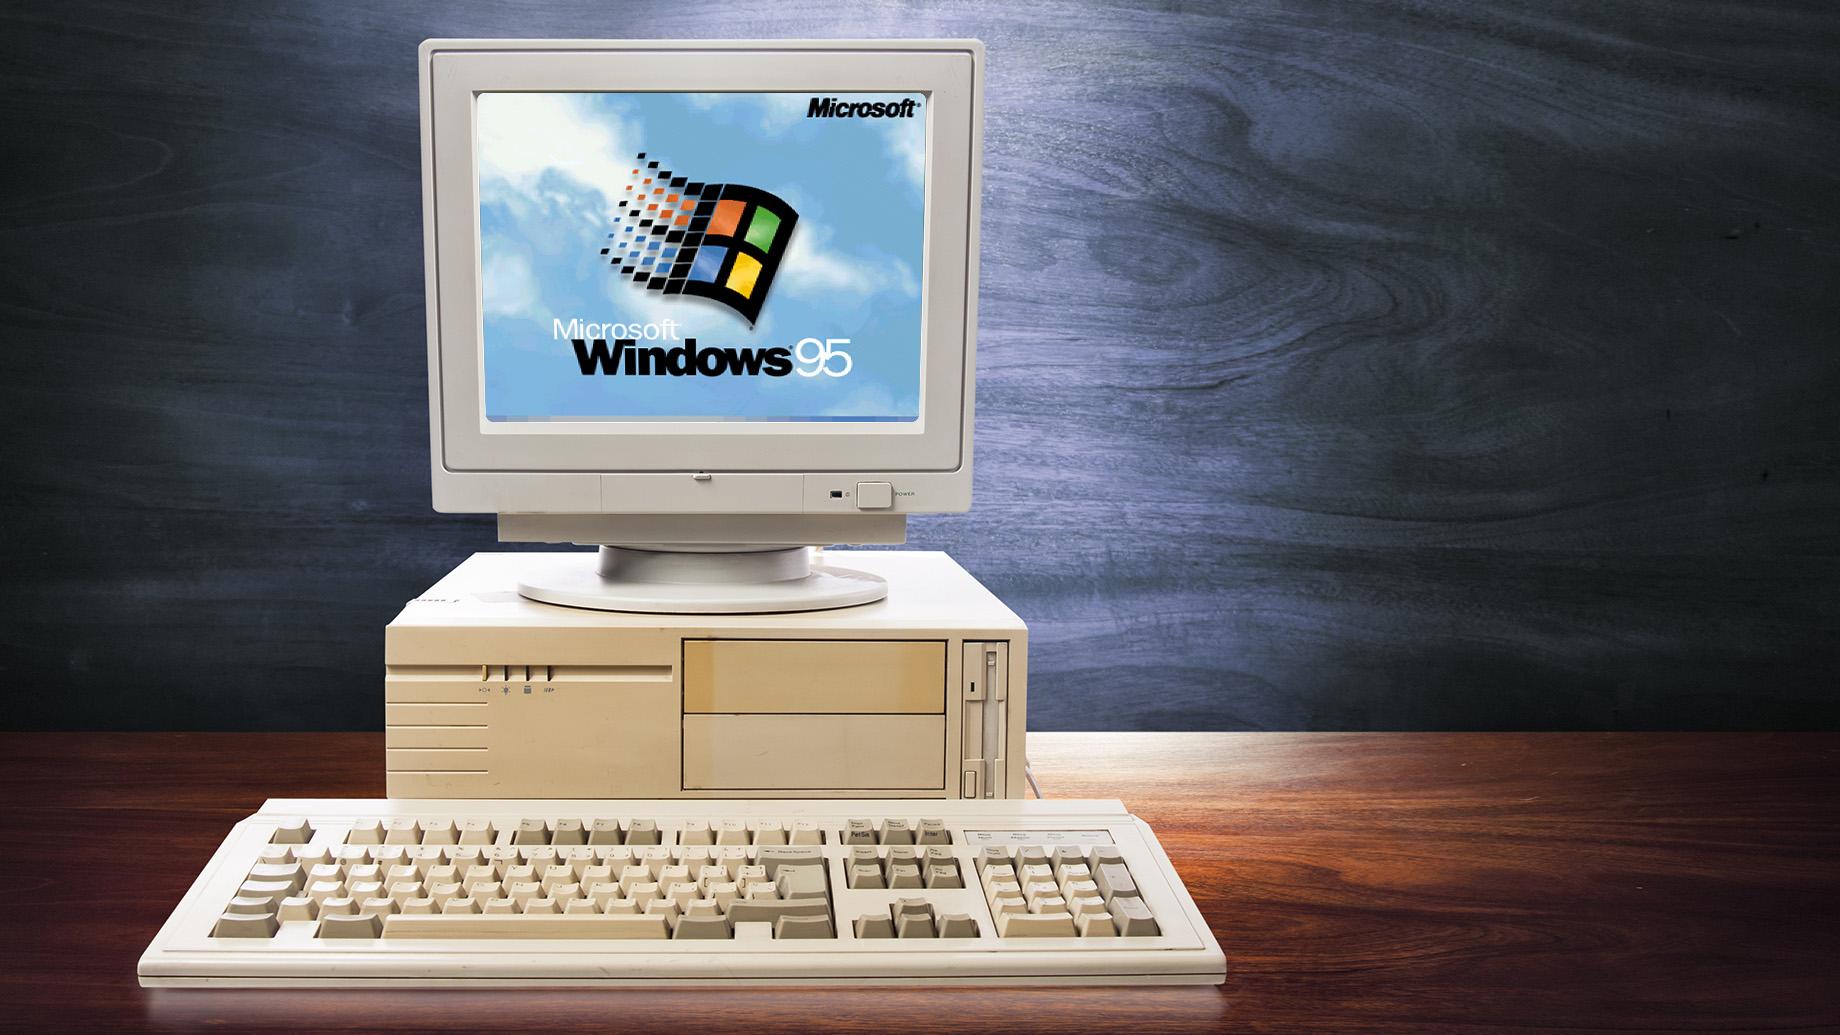 Windows 95 PC